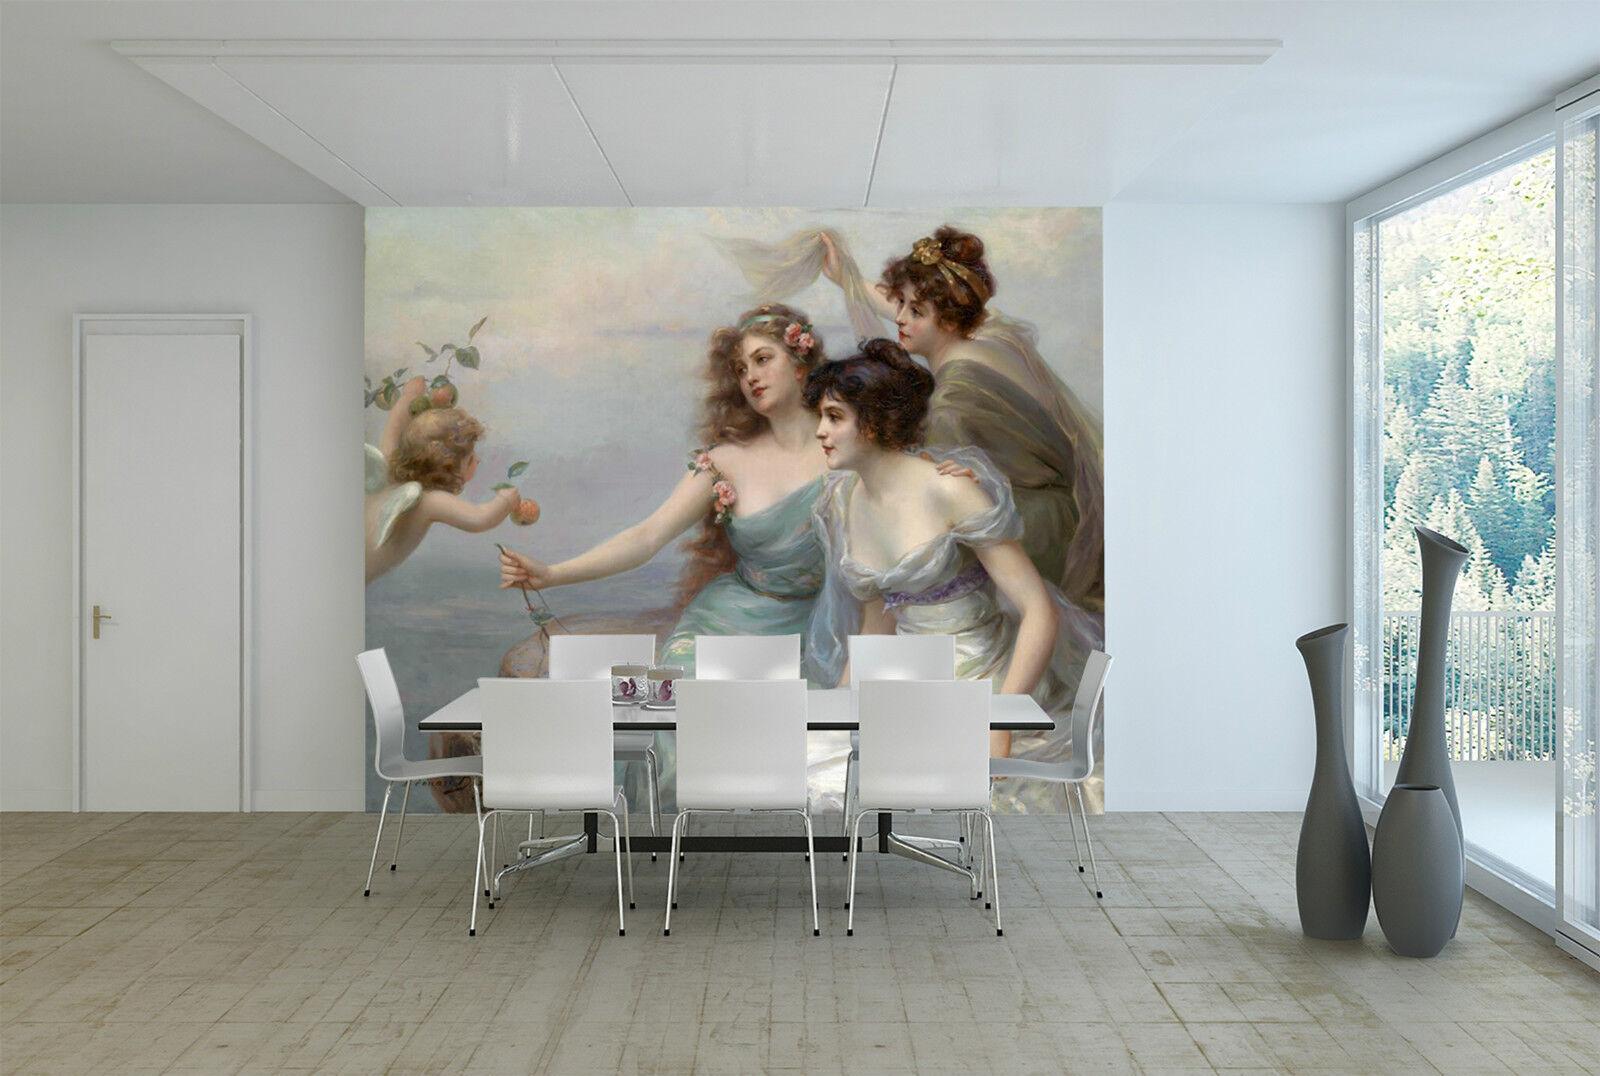 3D Die früchte 779 Fototapeten Wandbild Fototapete Bild Tapete Familie Kinder DE